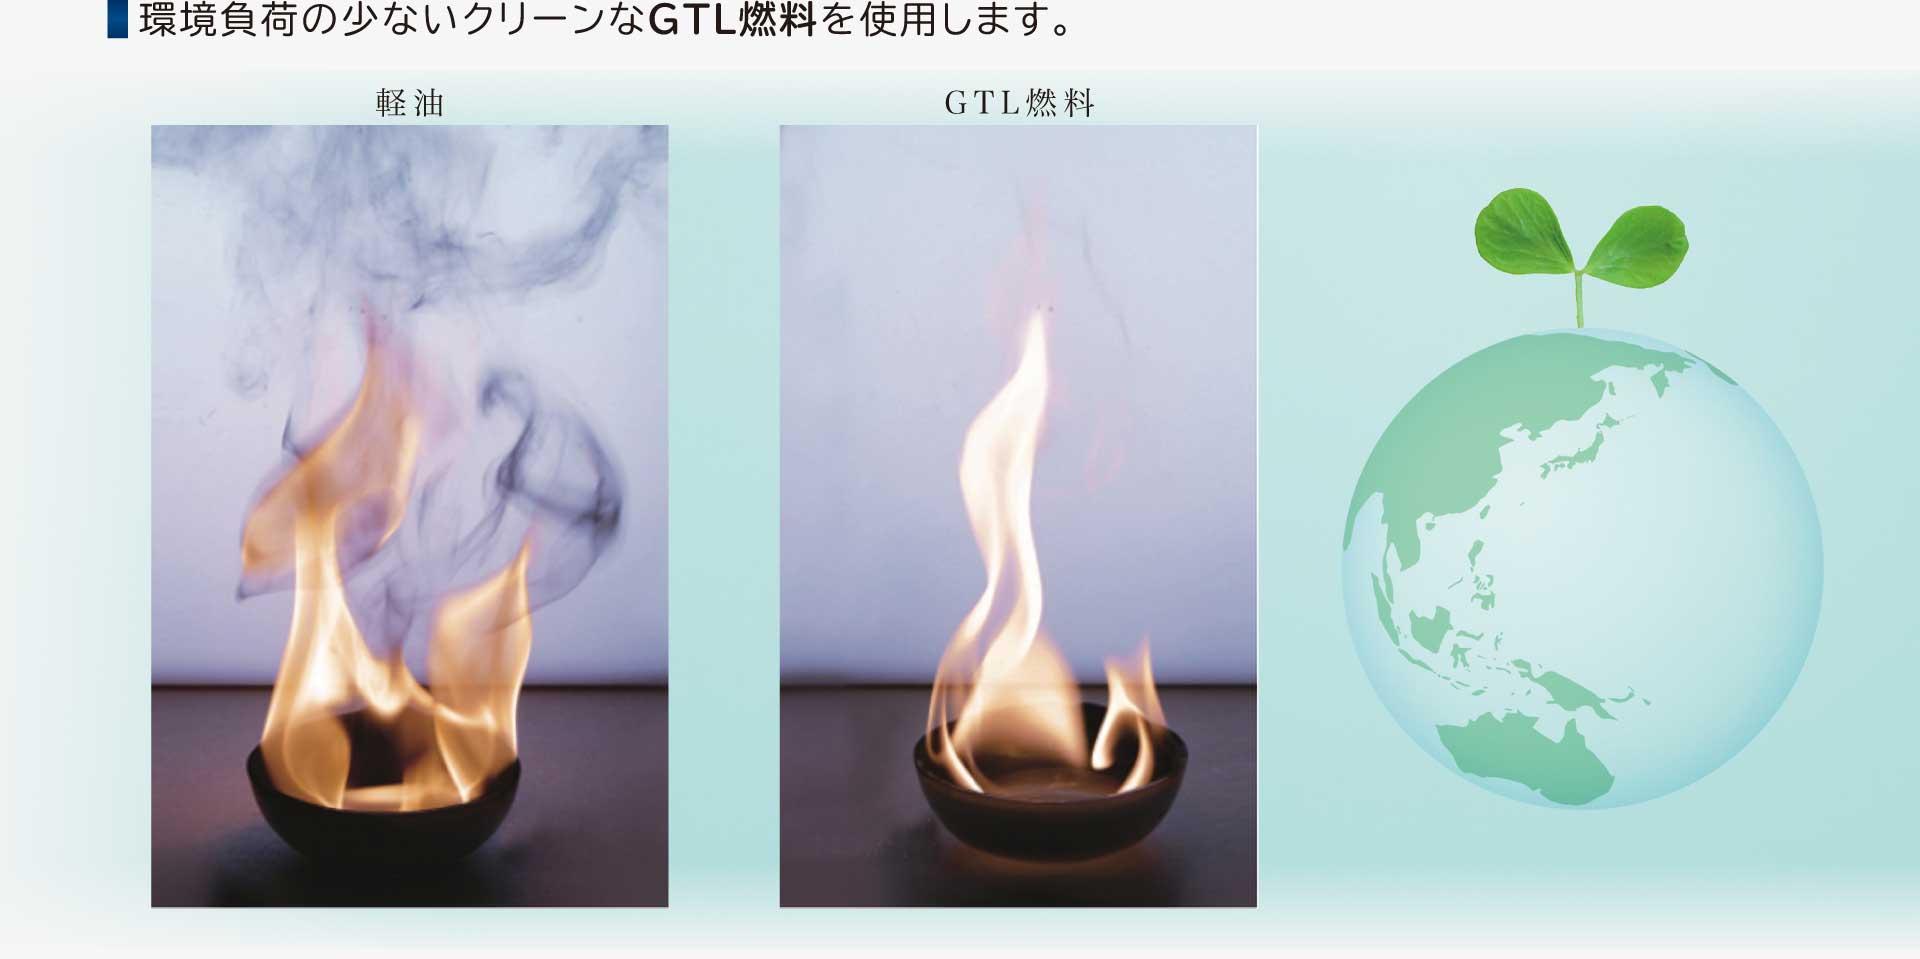 gtl燃料